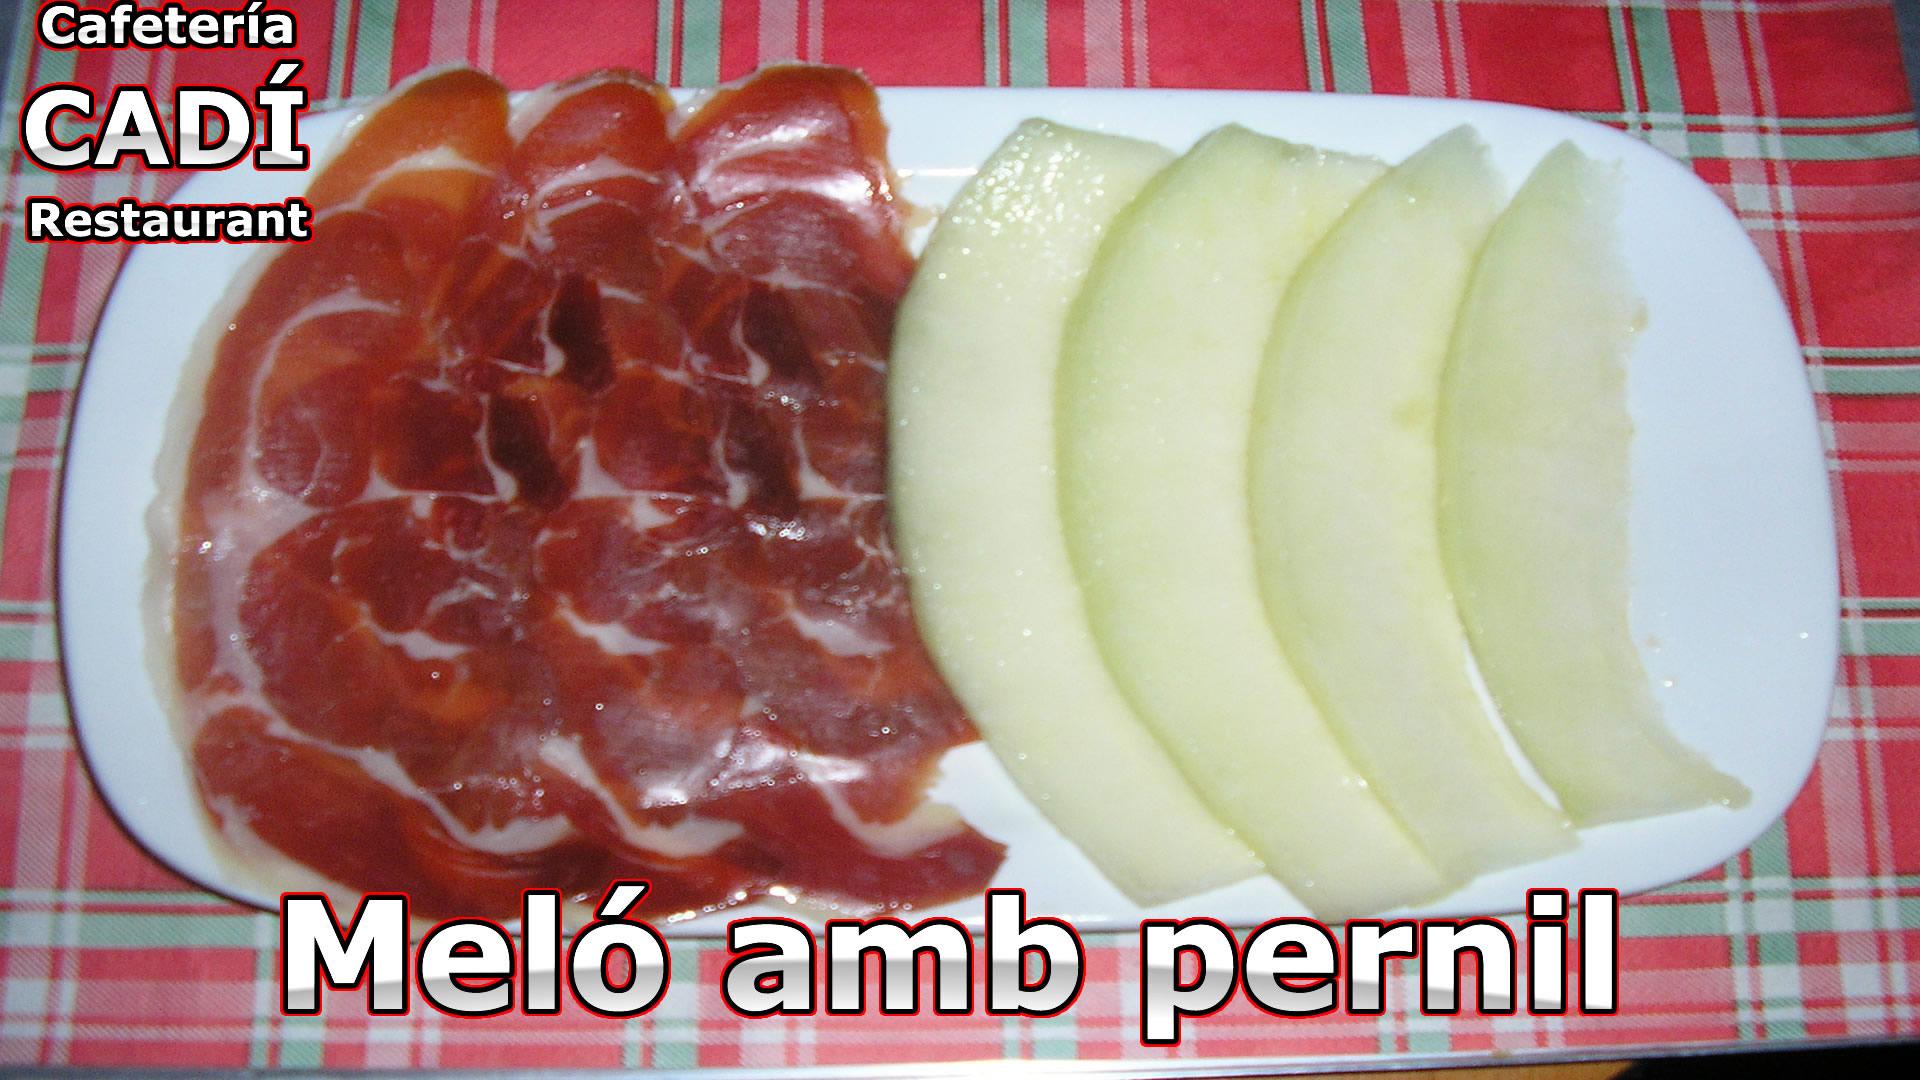 Meló amb pernil